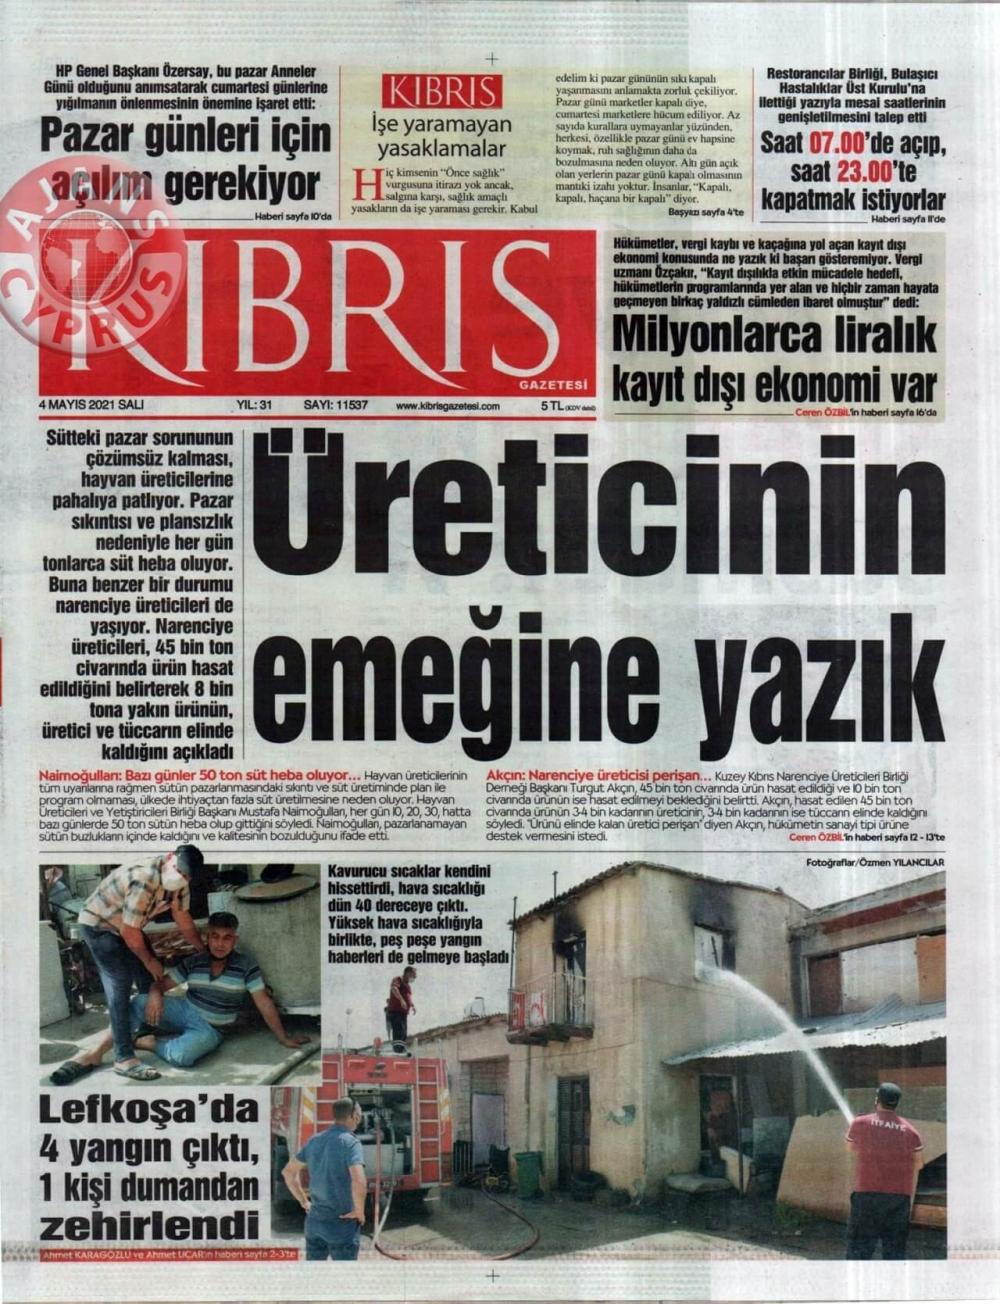 KKTC'de Gazeteler Bugün Ne Manşet Attı? (4 Mayıs 2021) galerisi resim 2